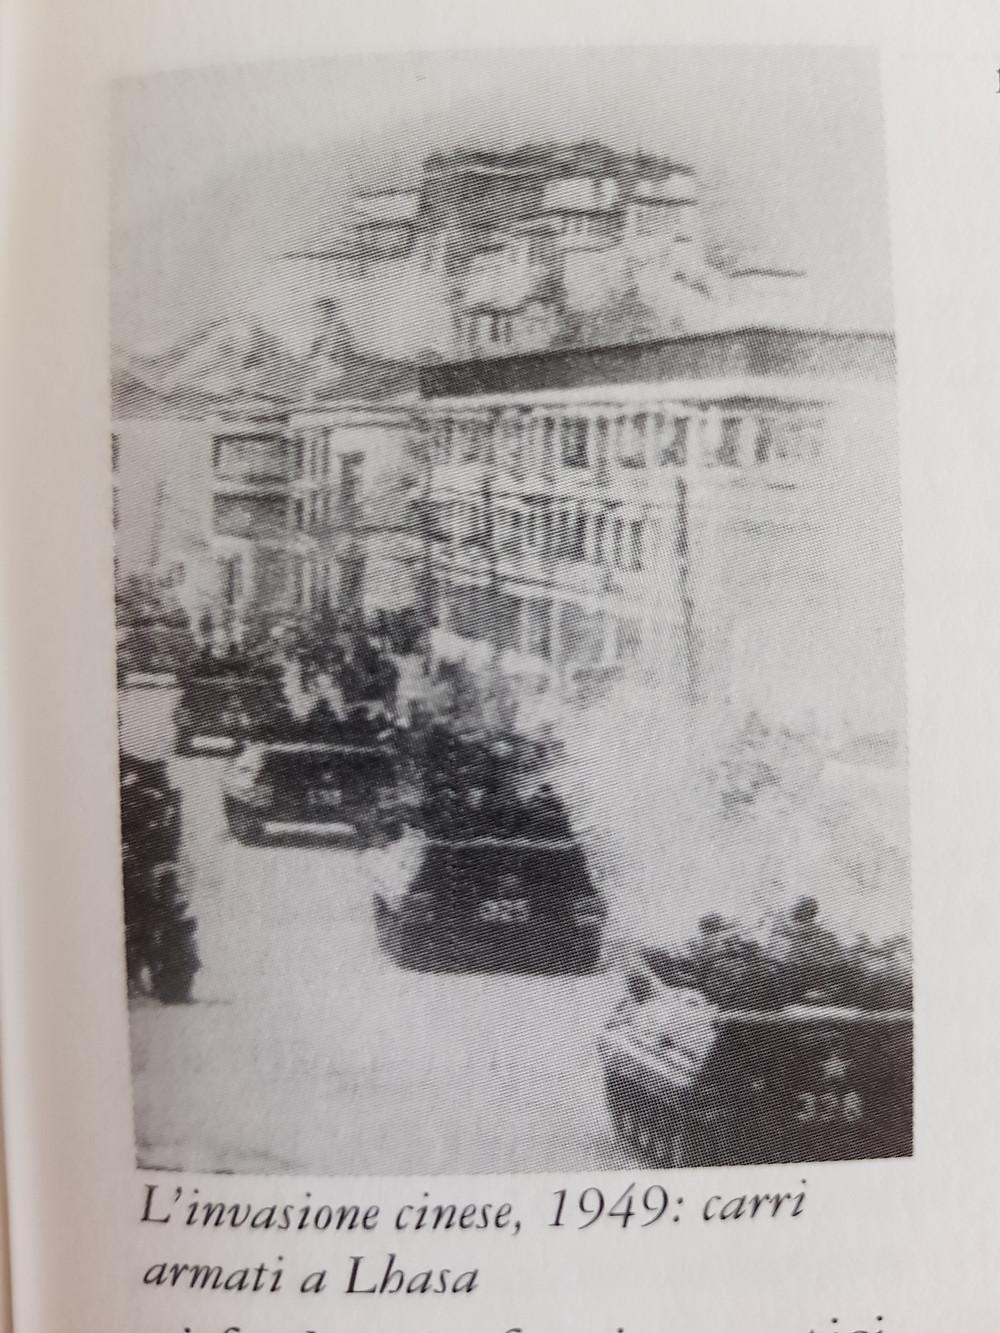 Carri armati entrano a Lhasa nel 1949